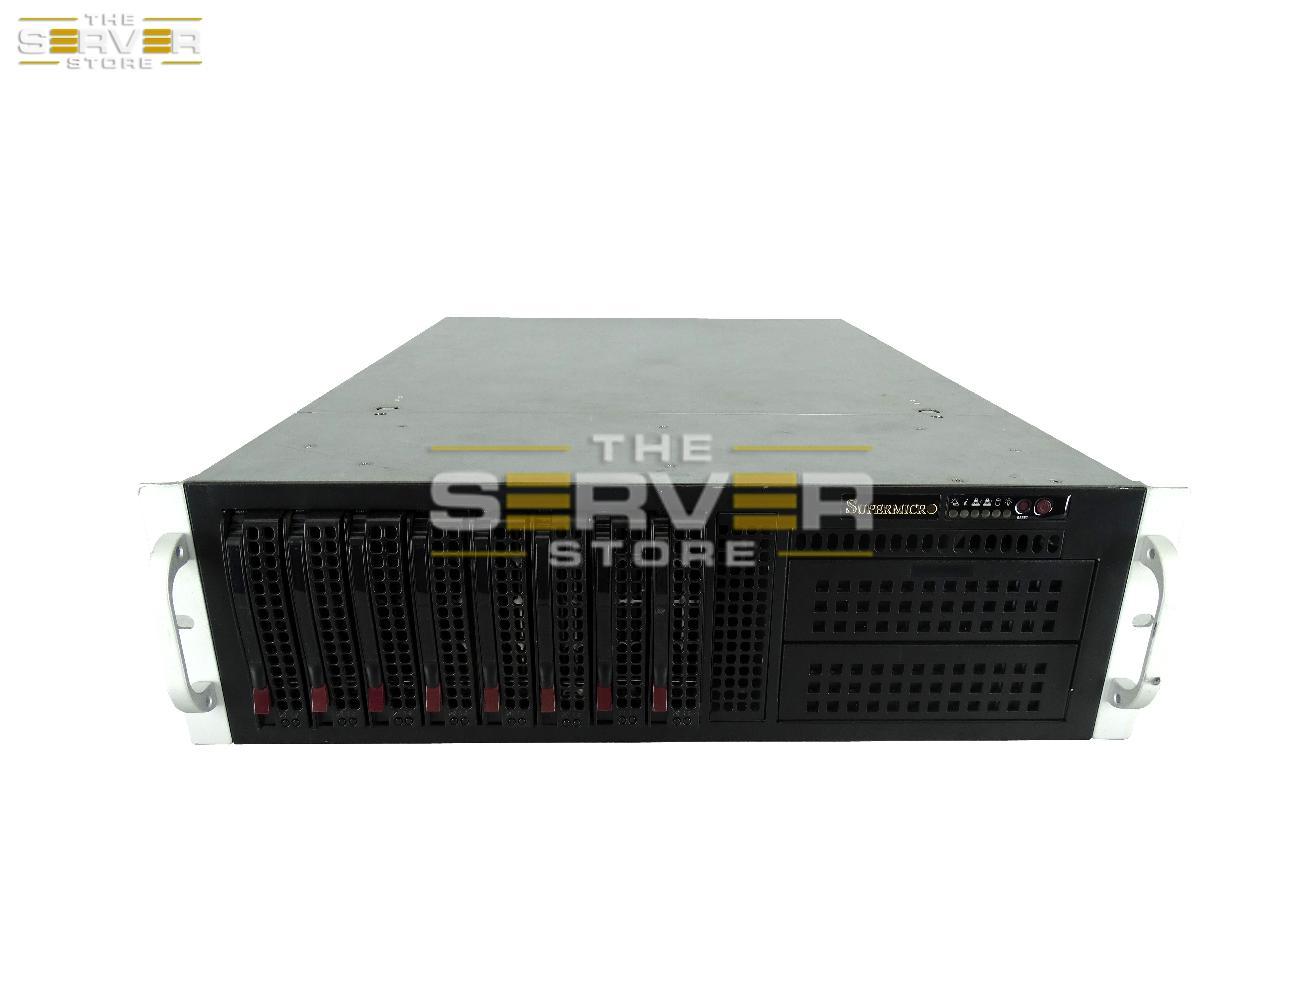 SuperMicro 835BTQ-R1K28B w/ X9DRI-LN4F+